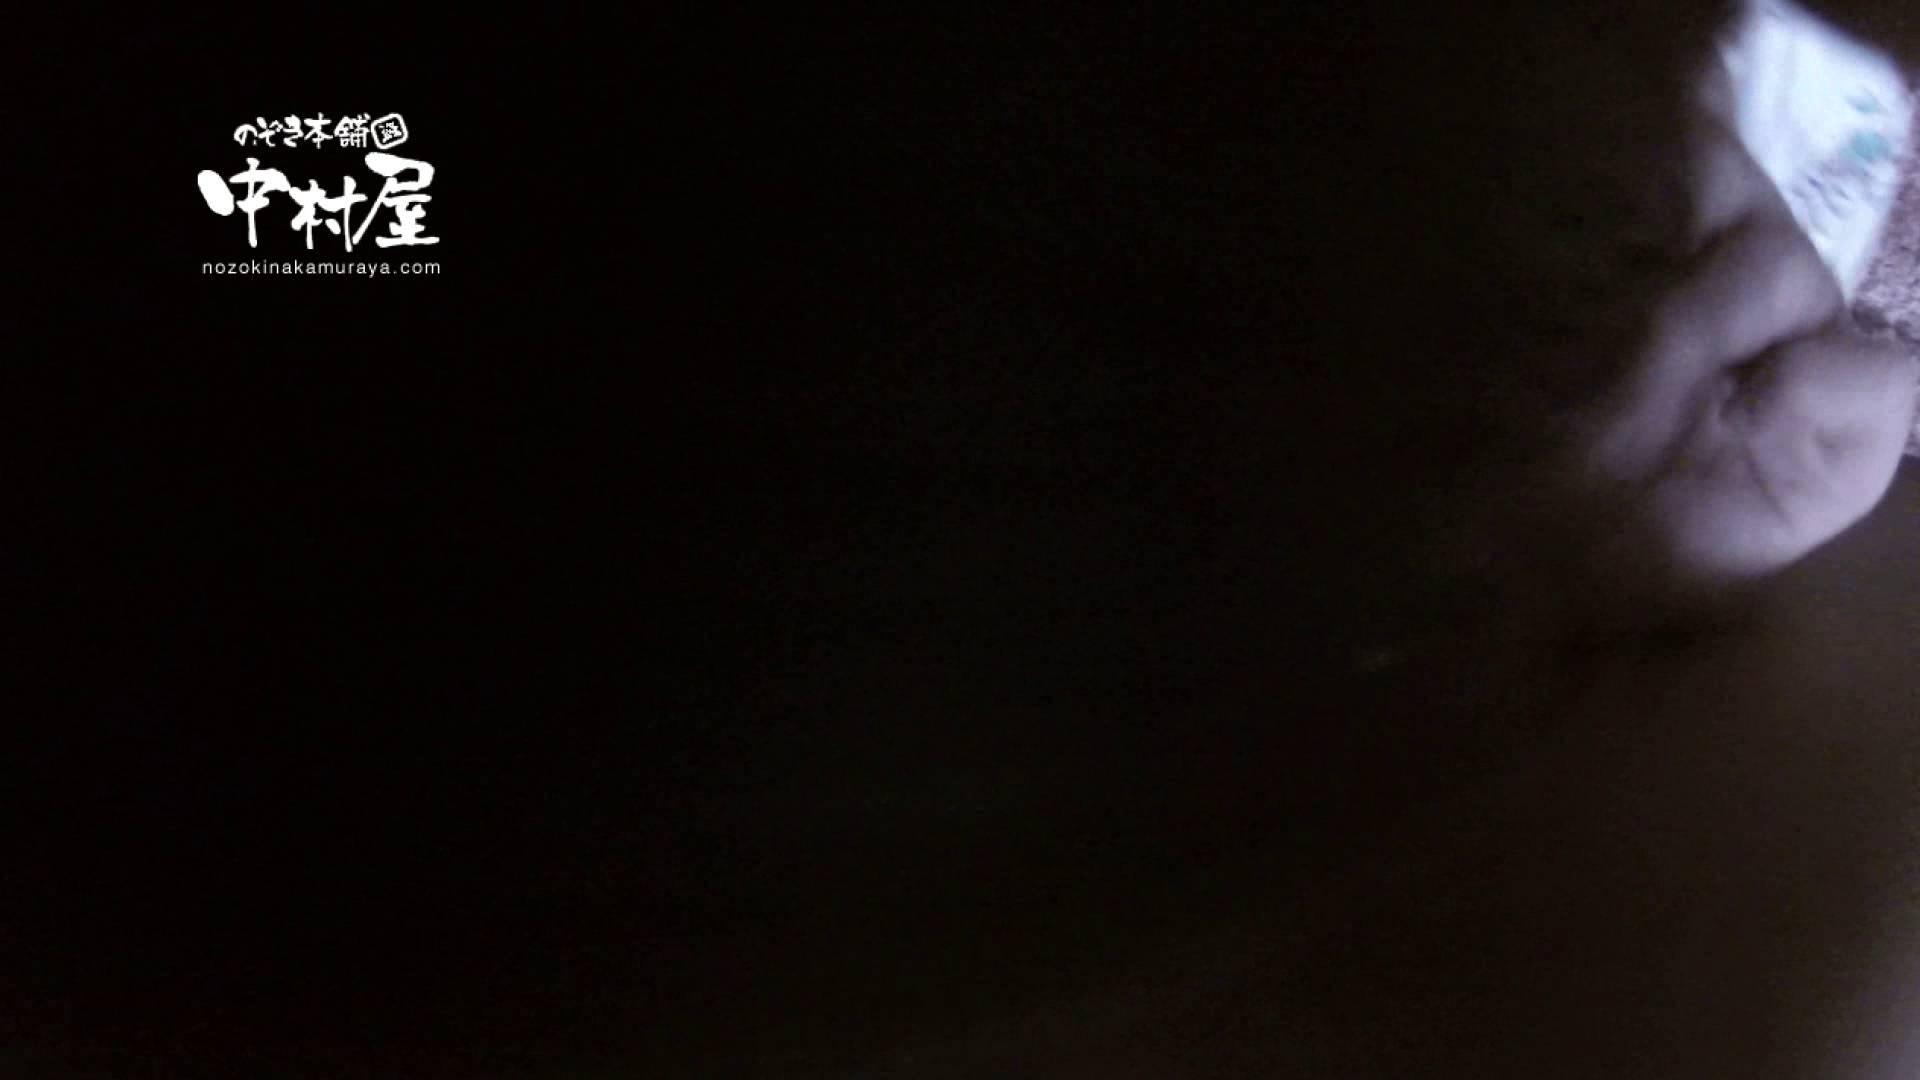 鬼畜 vol.10 あぁ無情…中出しパイパン! 前編 中出し セックス画像 76PIX 17